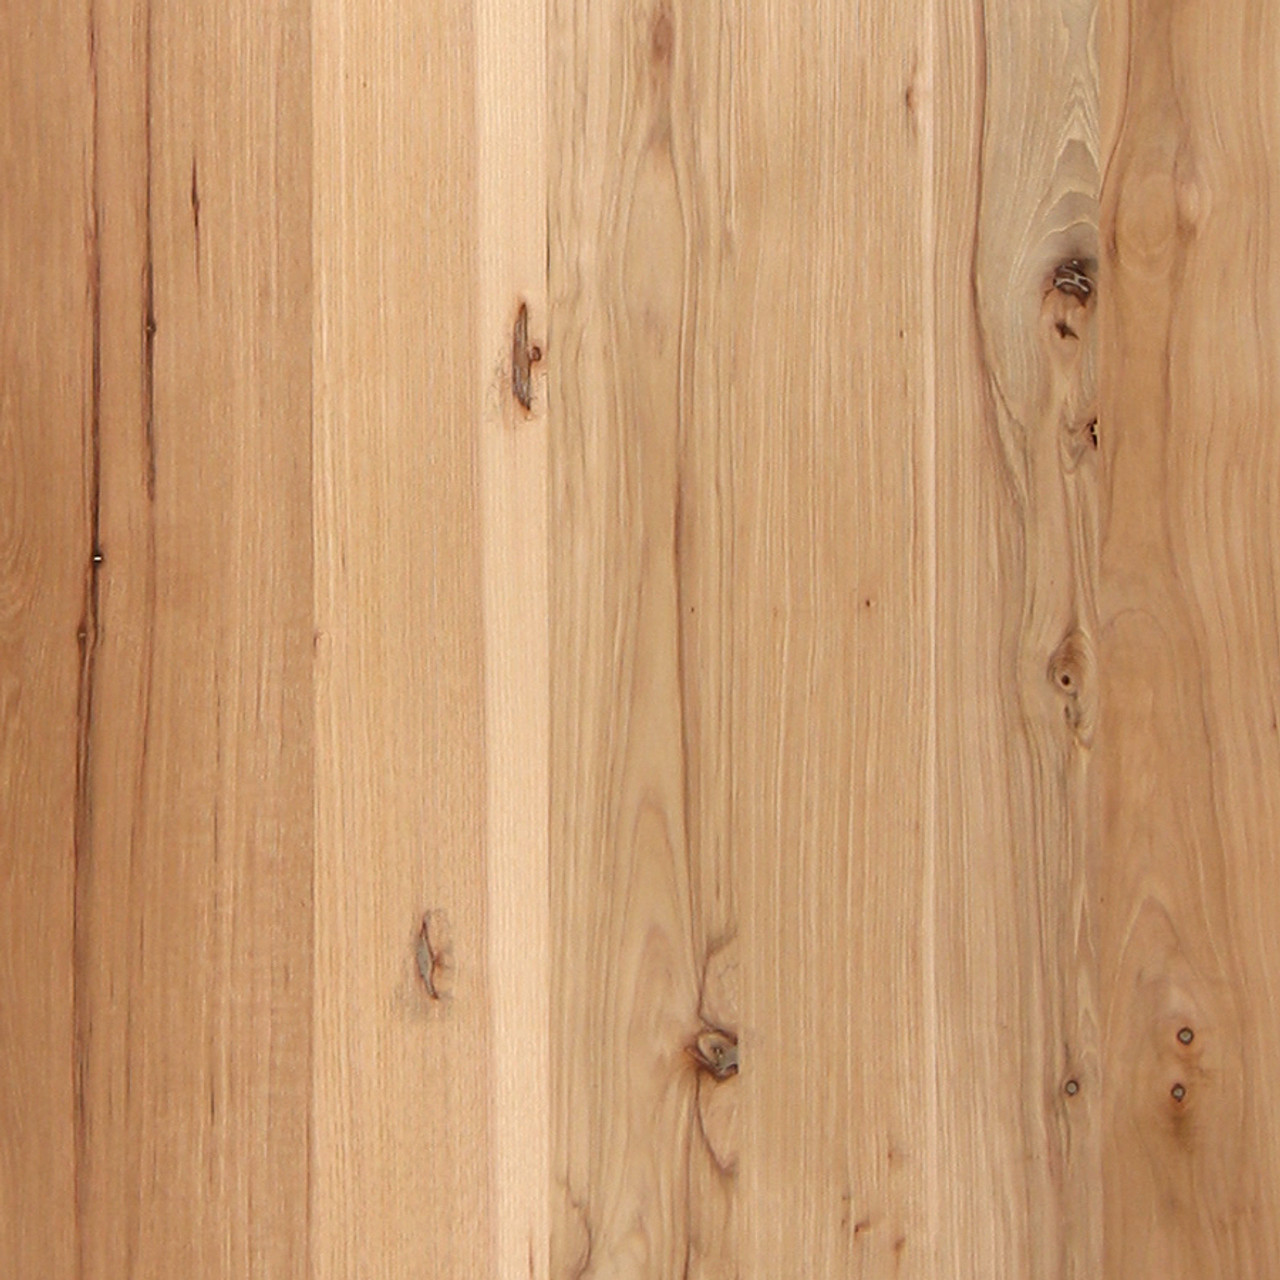 Rustic Hickory Veneer: Random Planked Hickory Wood Veneers Panels | Oakwood  Veneer Company